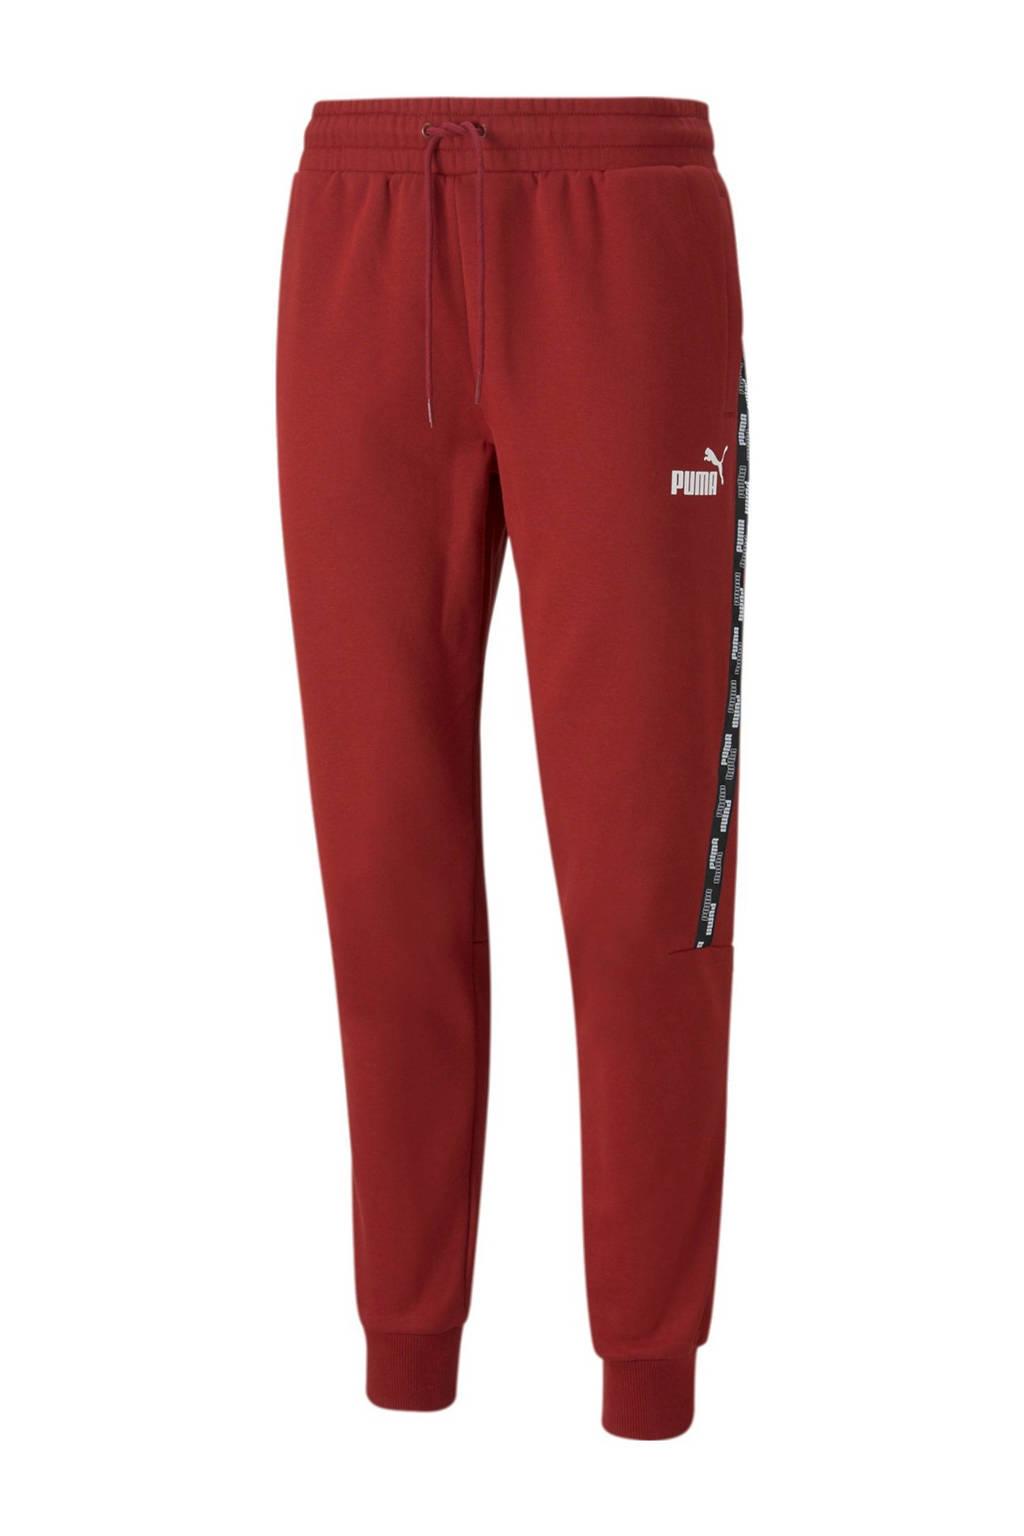 Puma regular fit broek rood, Rood